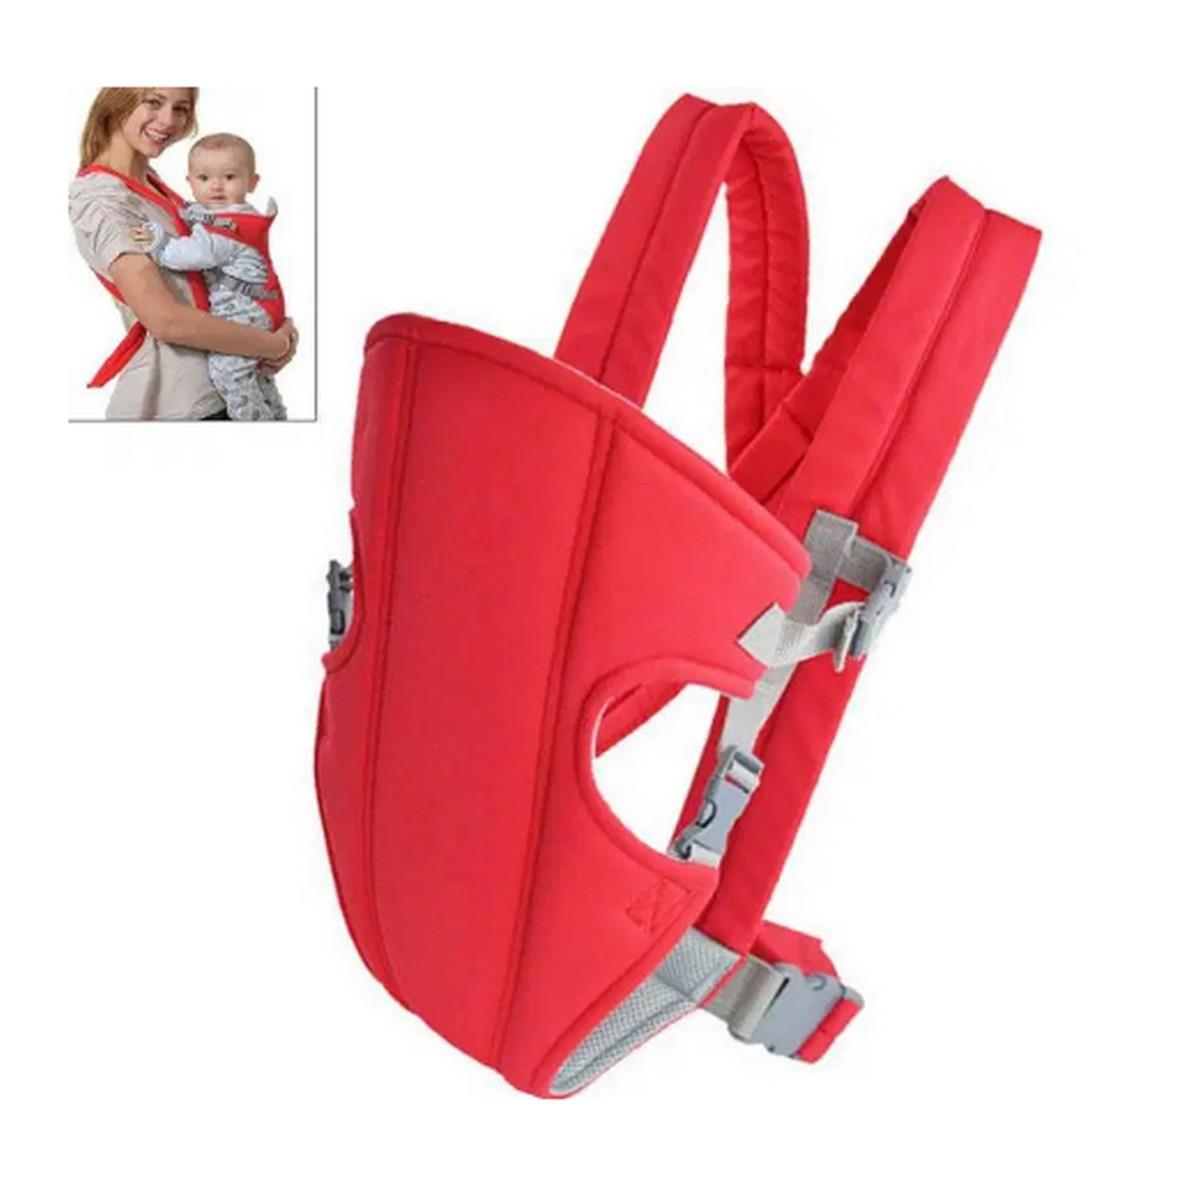 Hot Sale Baby Carrier Shoulder Belt Sling Backpack  Holding Strap Adjustable Carry Bag